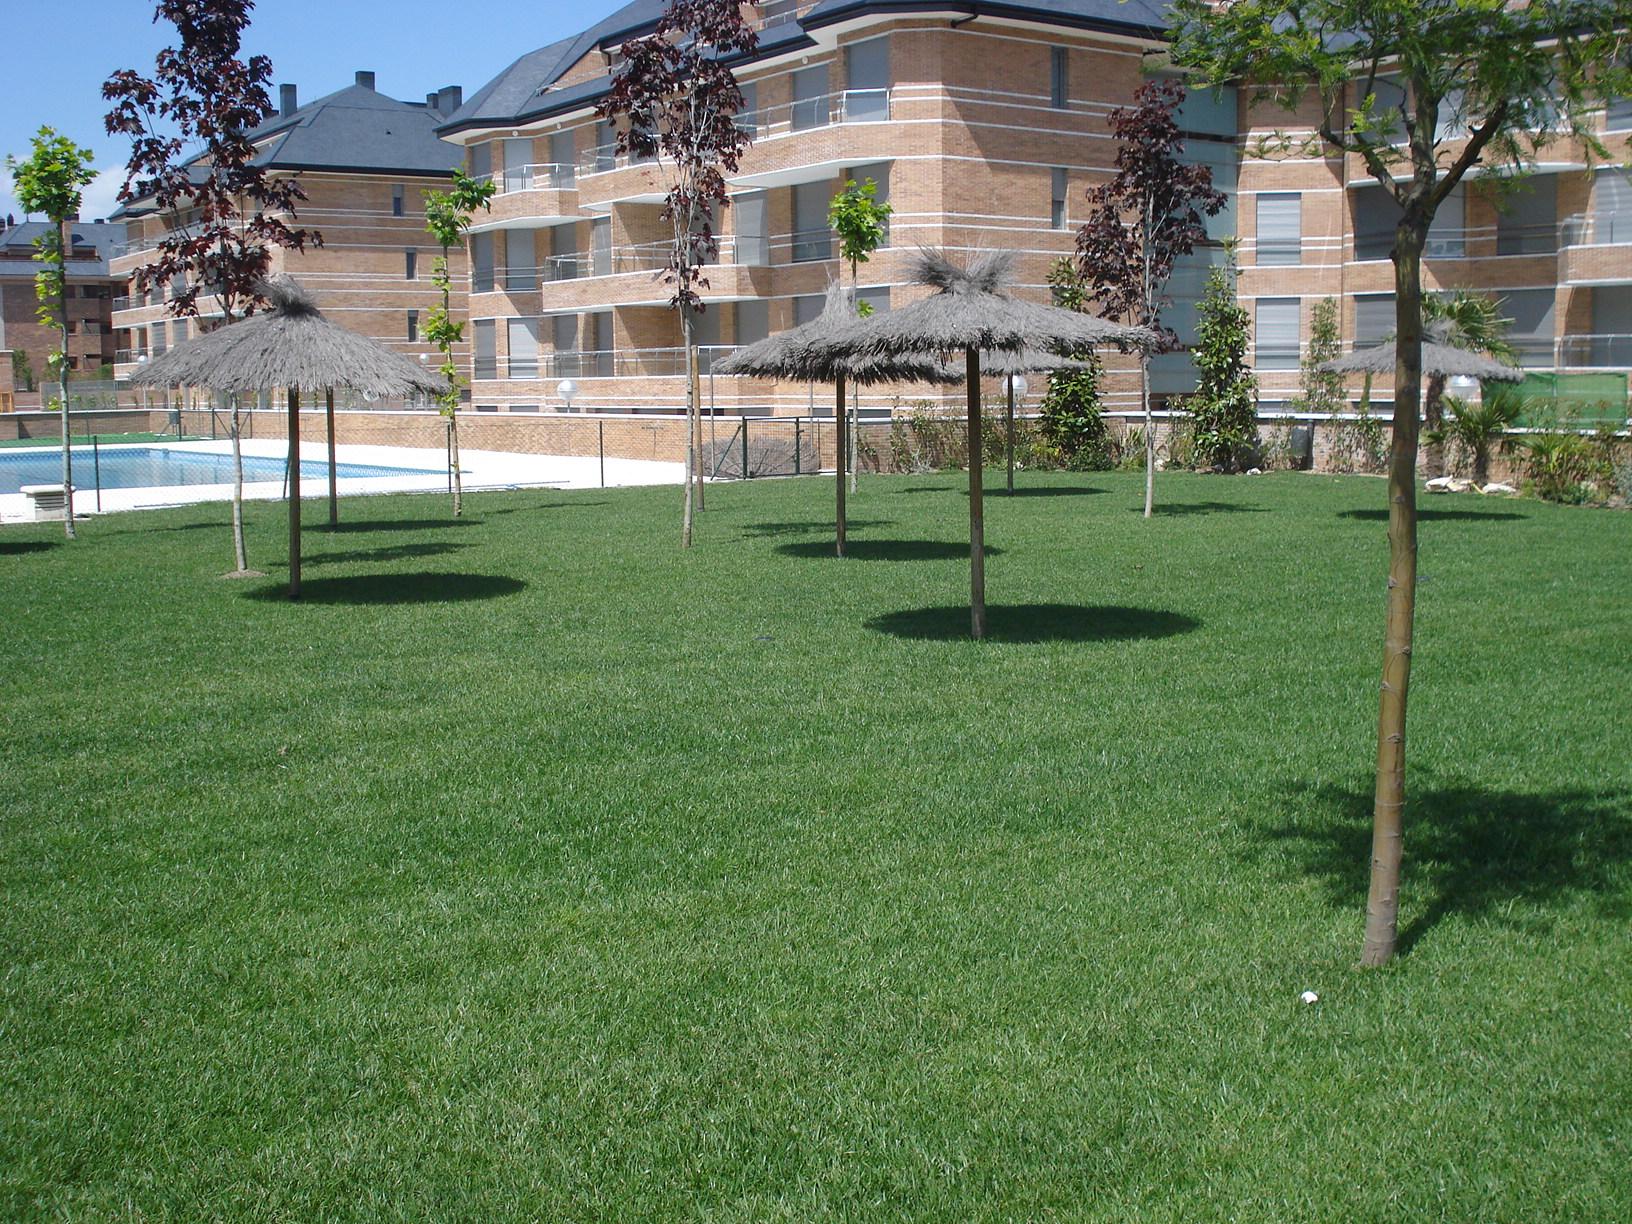 Dise o de jardines paisajismo jardineria madrid las for Paisajismo jardines fotos